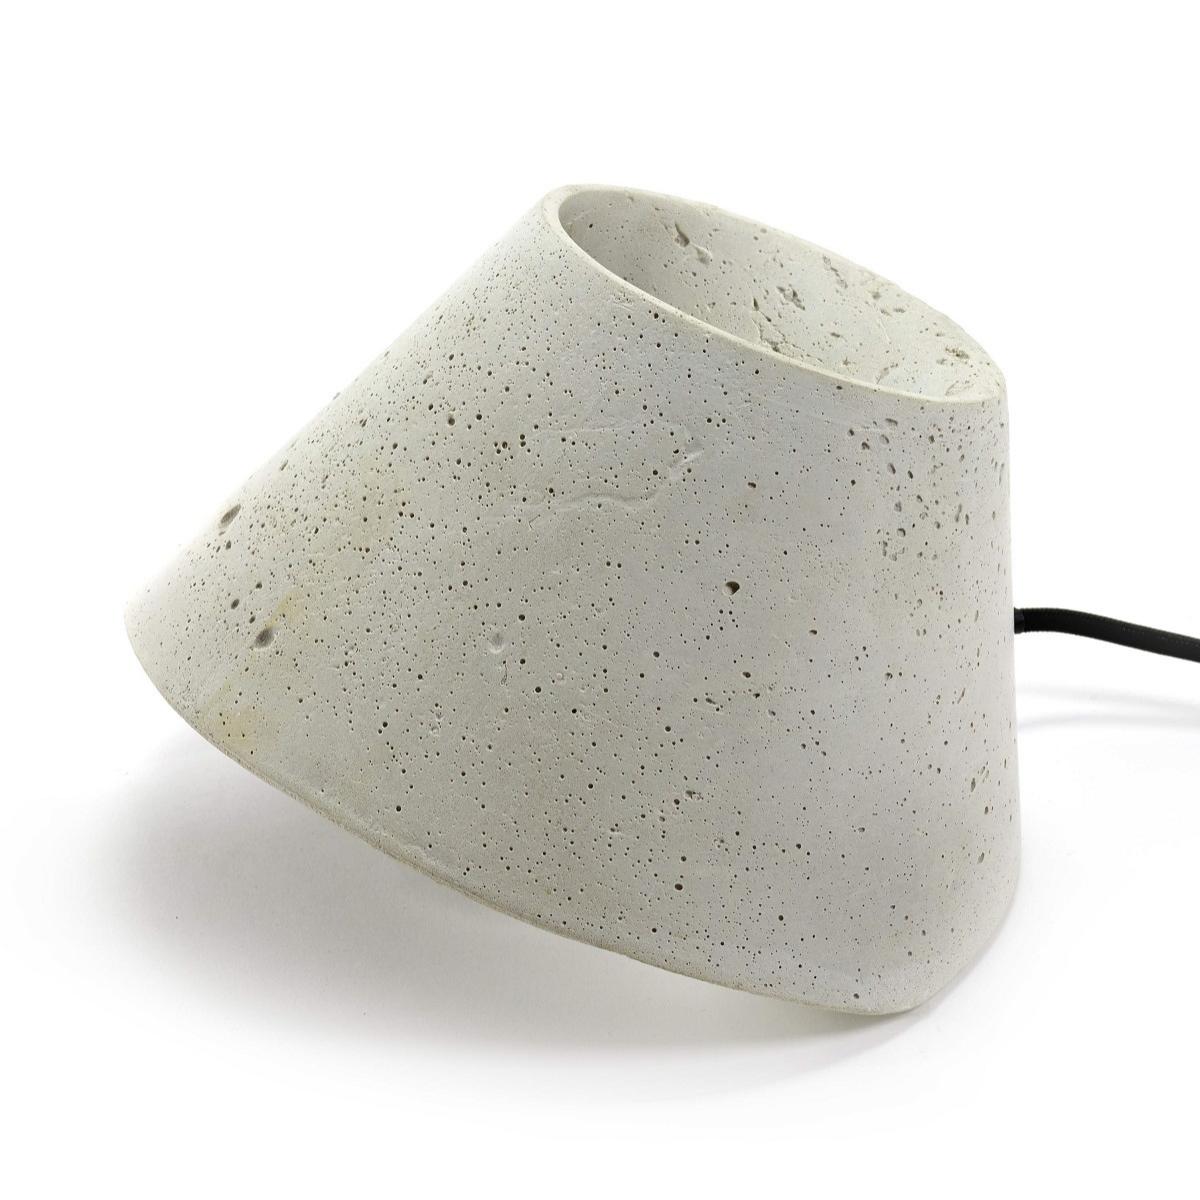 Betonowa lampa outdoorowa Eaunophe M White Serax